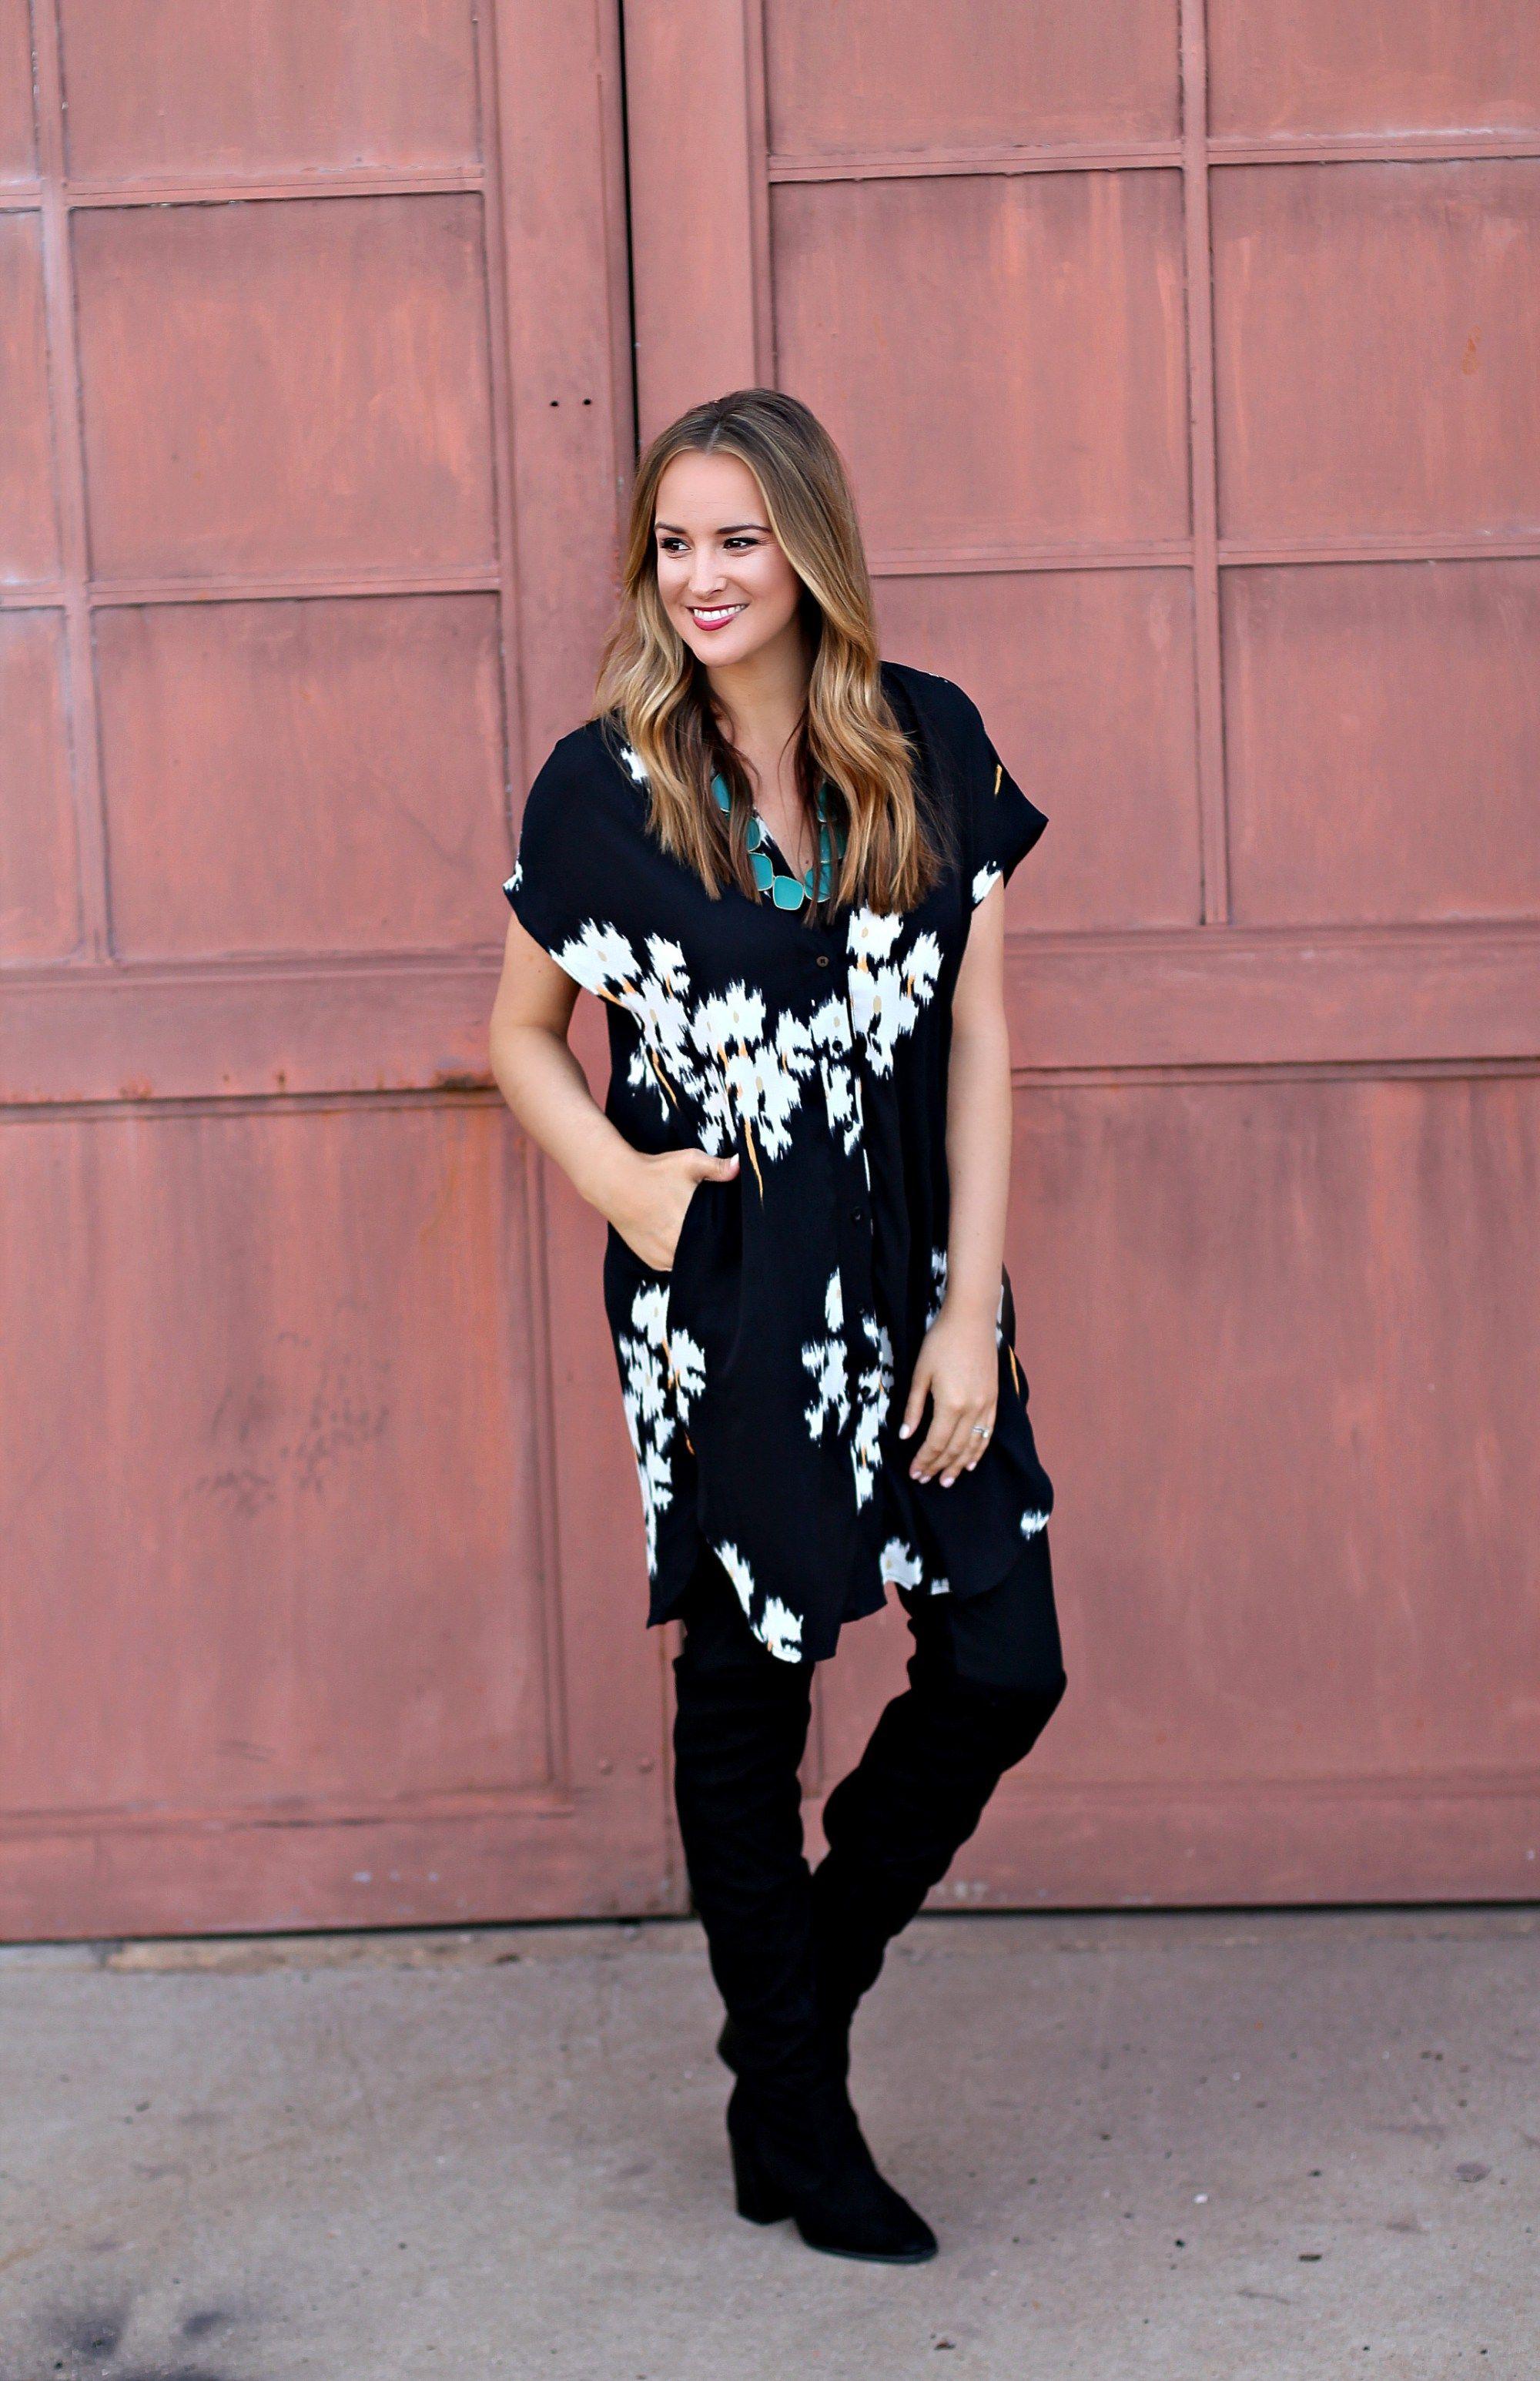 Floral Print Shirt Dress #LexWhatWear - #styleblog #blogger #fashionblog #outfitideas #outfitinspiration #styleideas #styleguide #shirtdress #trendwatch #outfittrends #floralprint #nashvillestyle